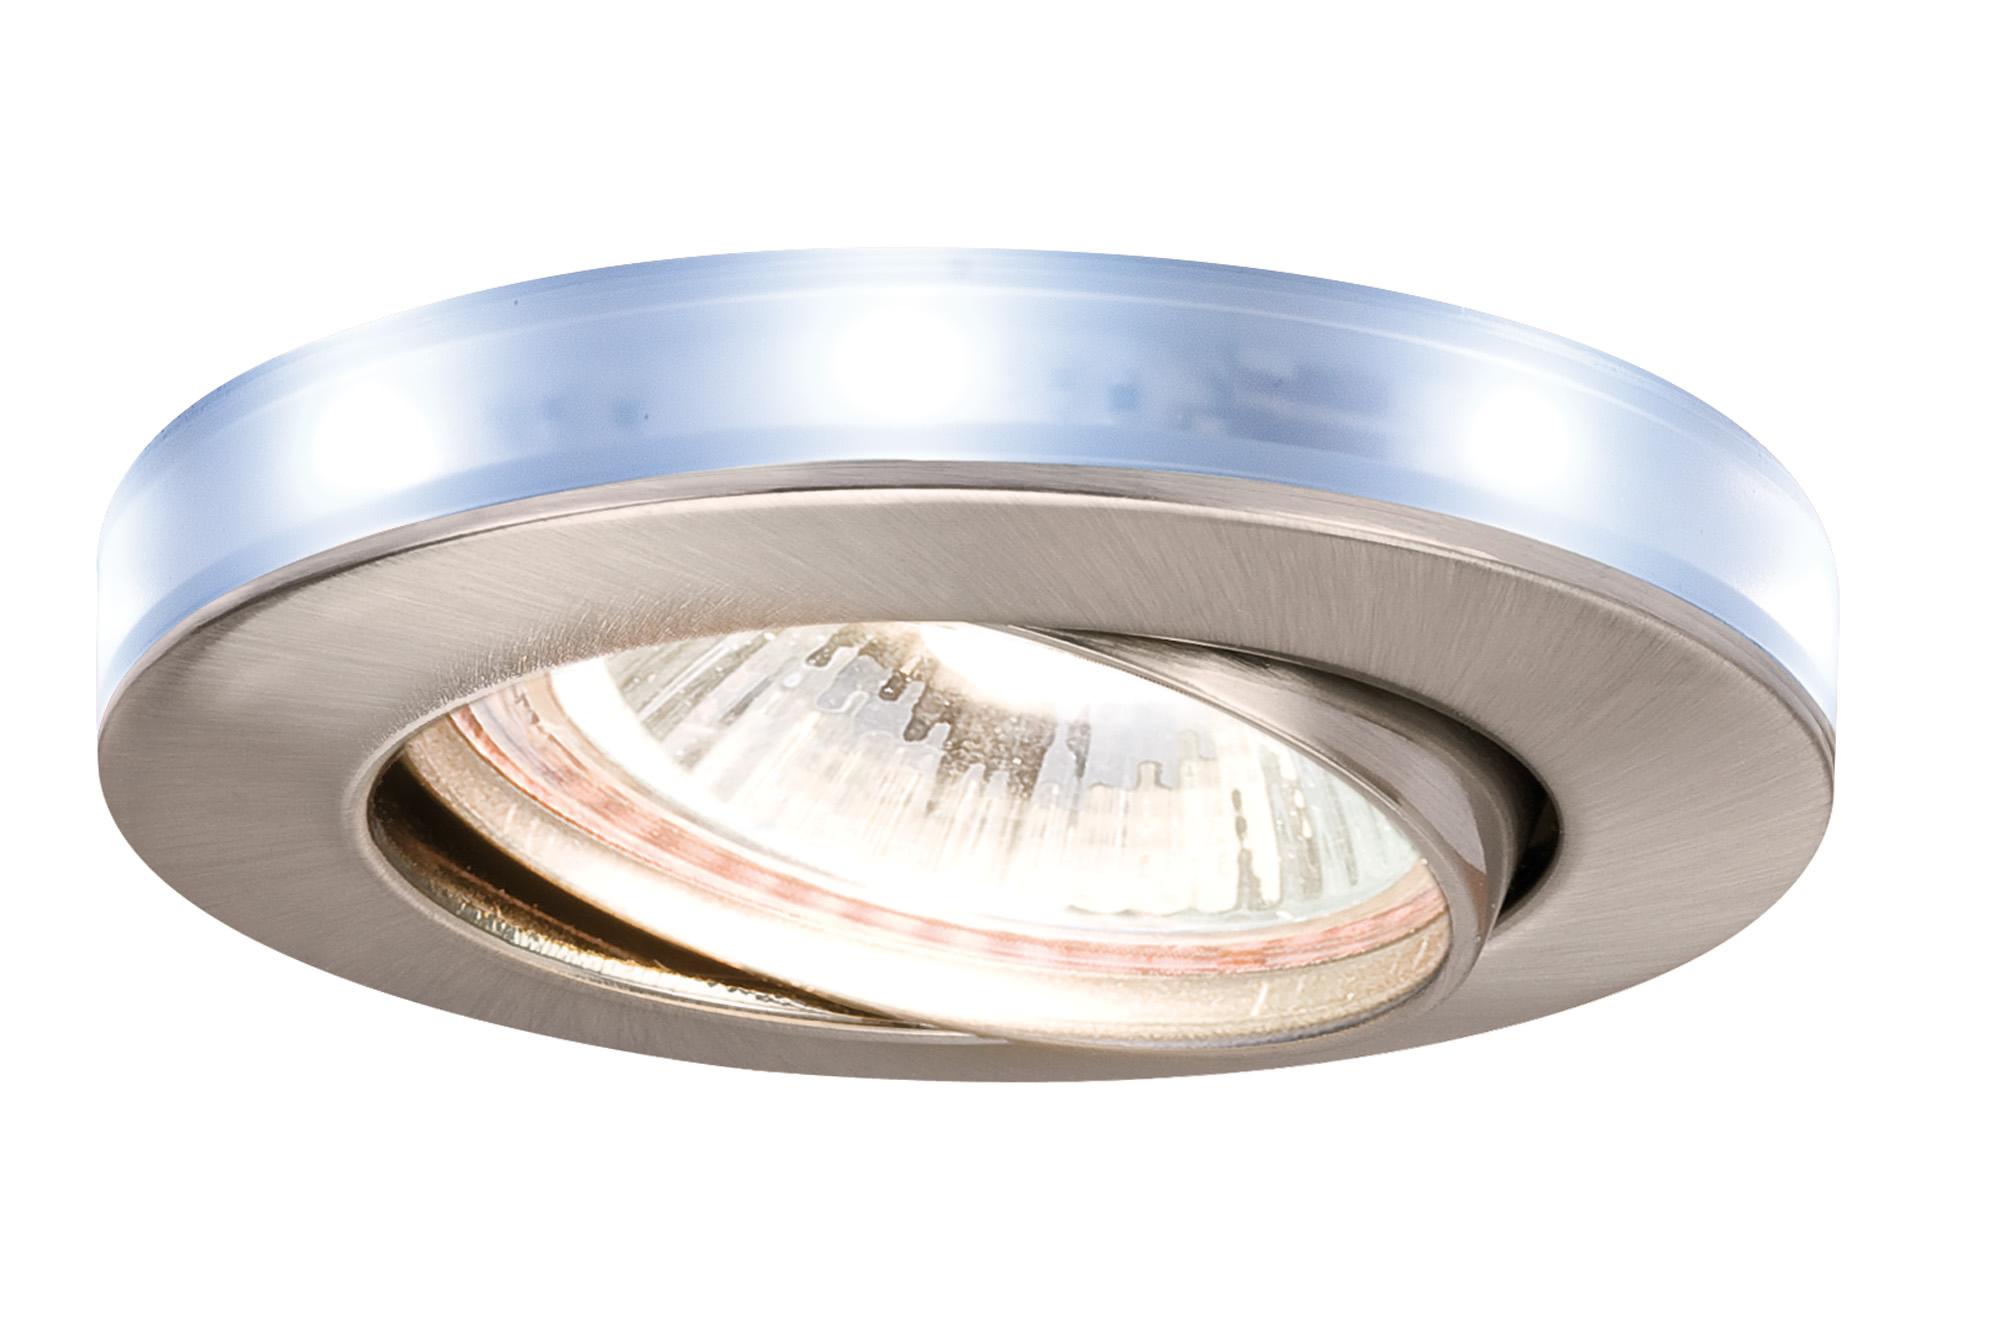 Paulmann. 93760 Комплект светильников с кольцом 3х20W/3x2W, RGB, с пультом